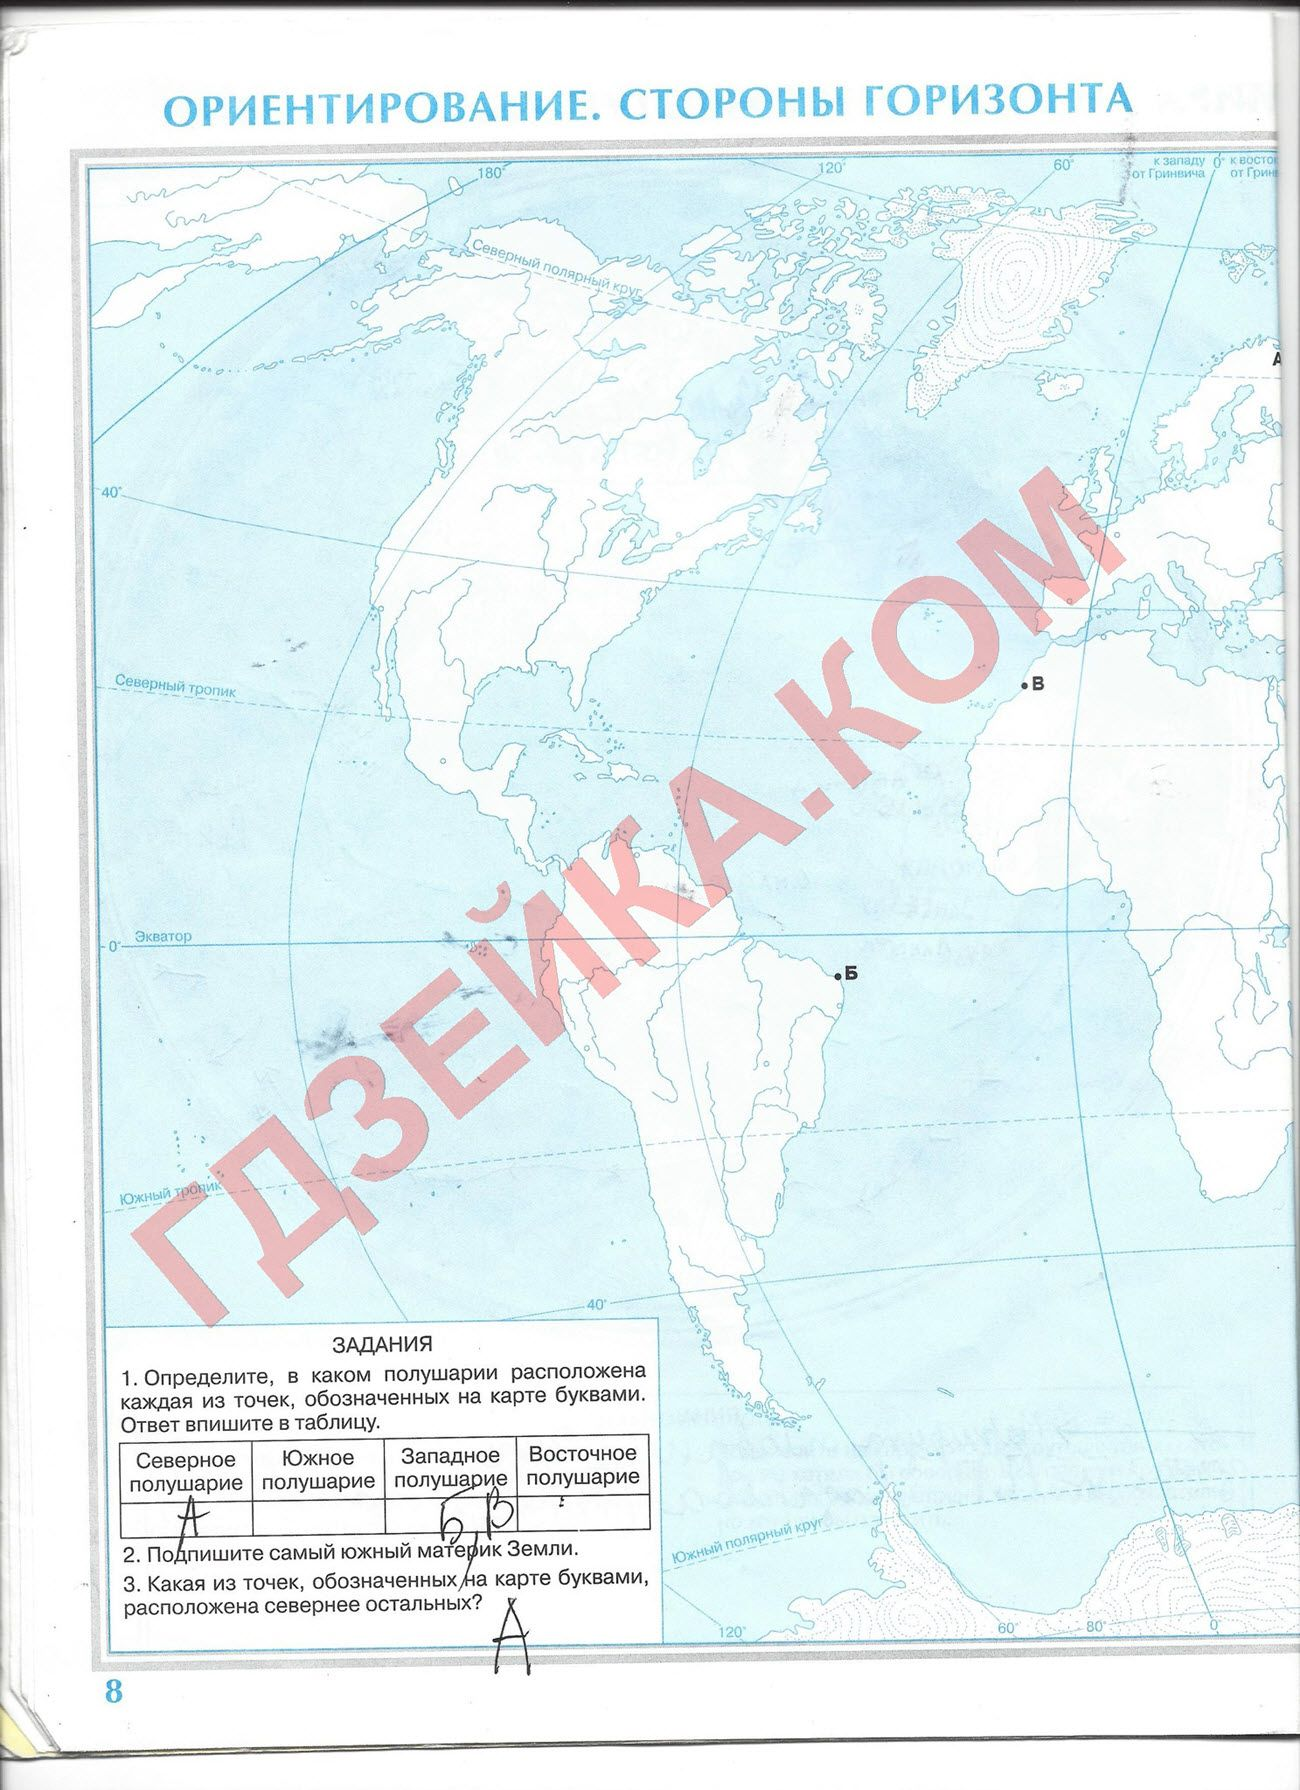 Атлас география 6 класс скачатьиздательство дик